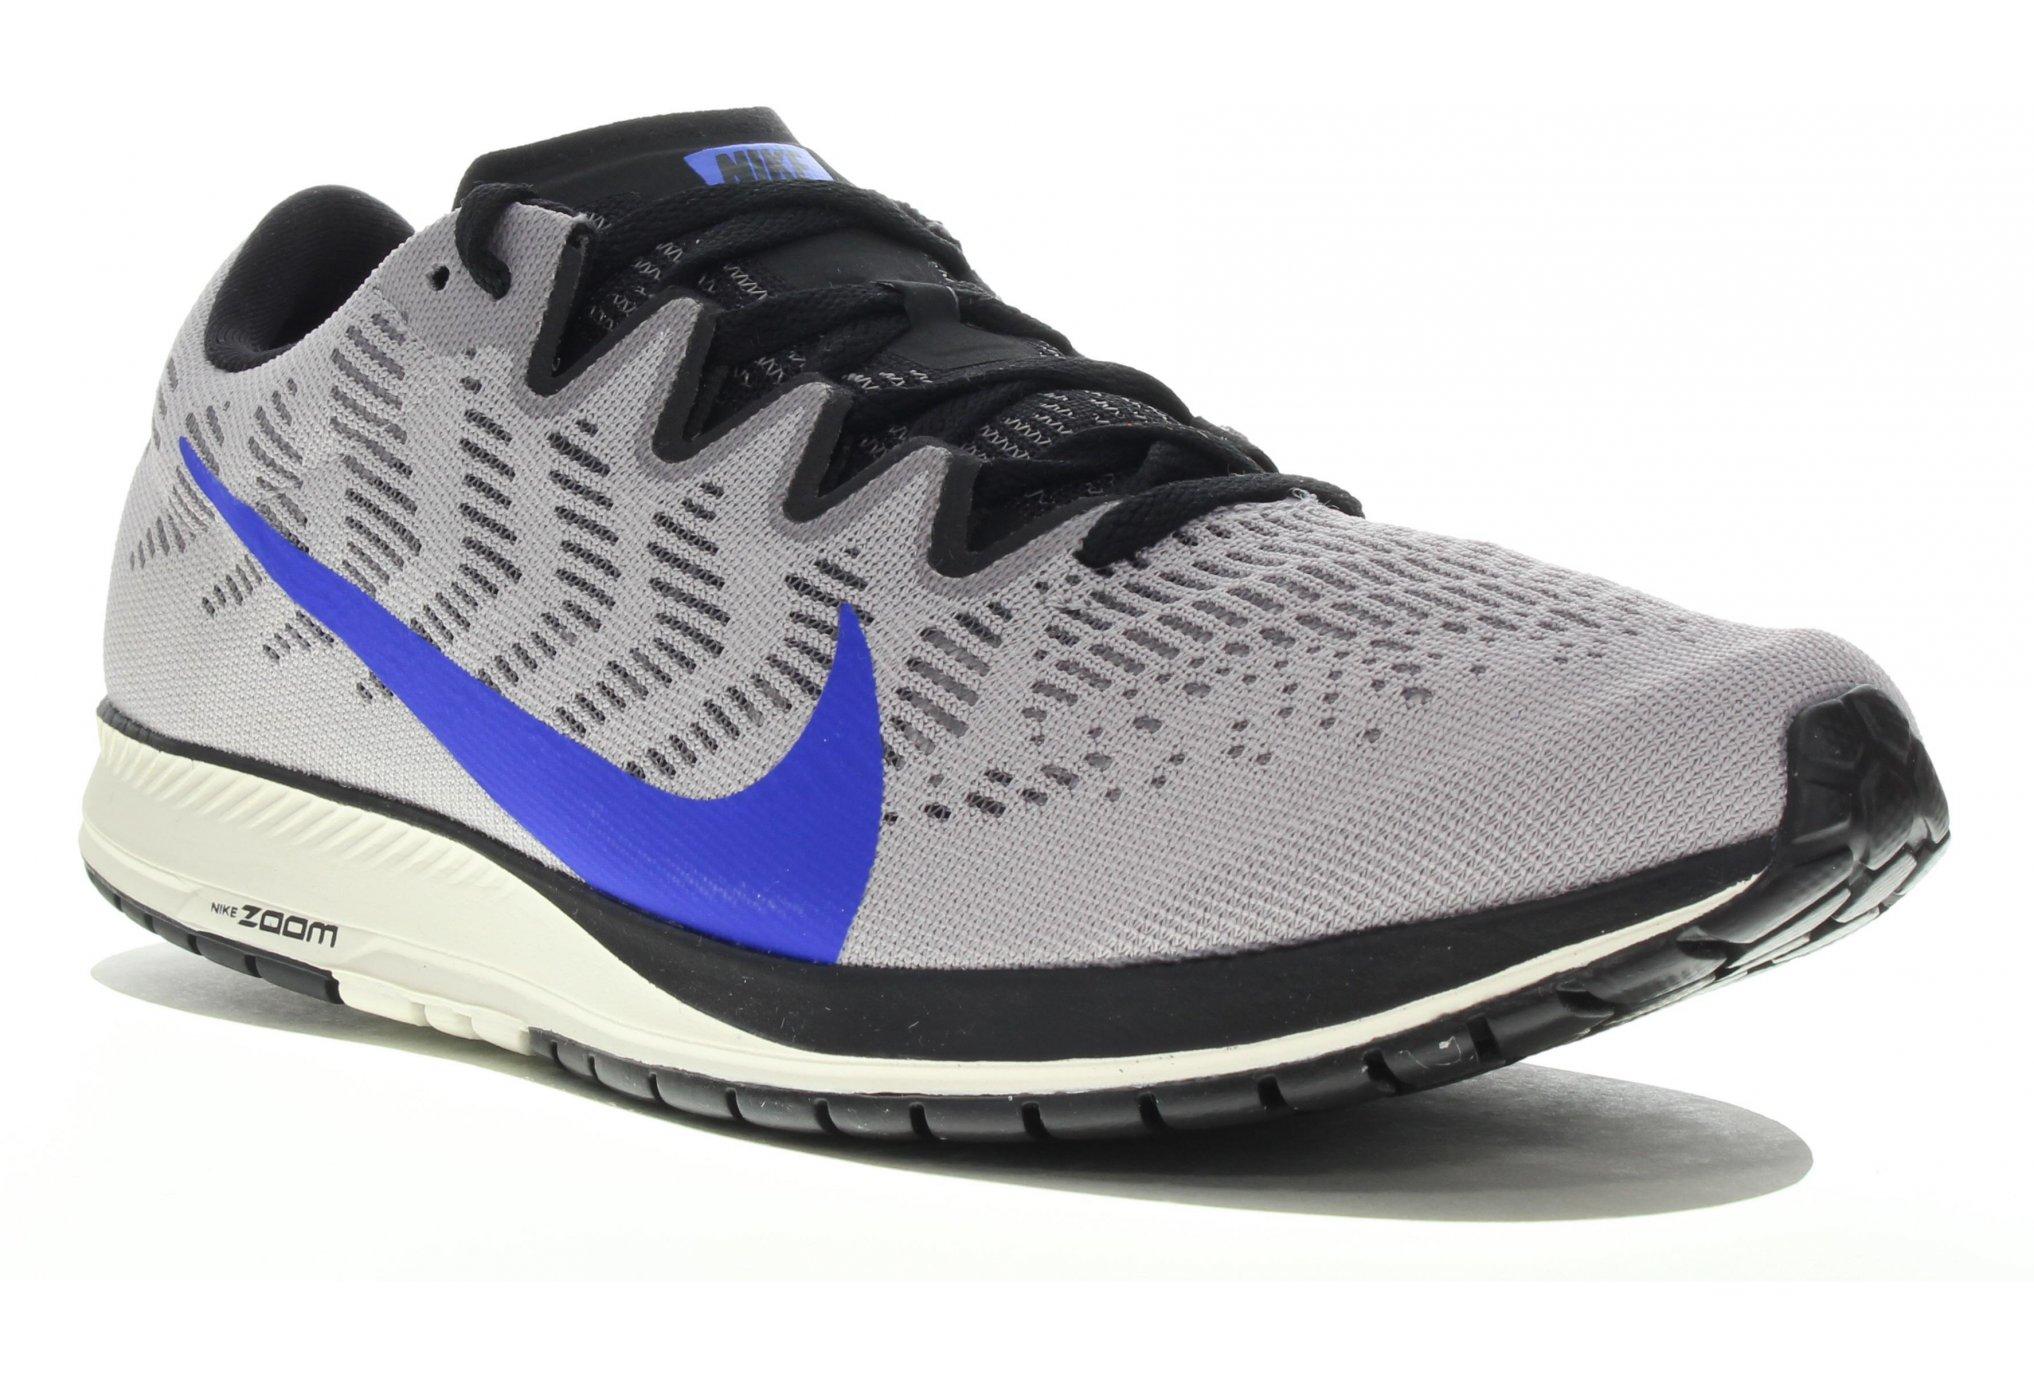 Nike Air Zoom Streak 7 déstockage running